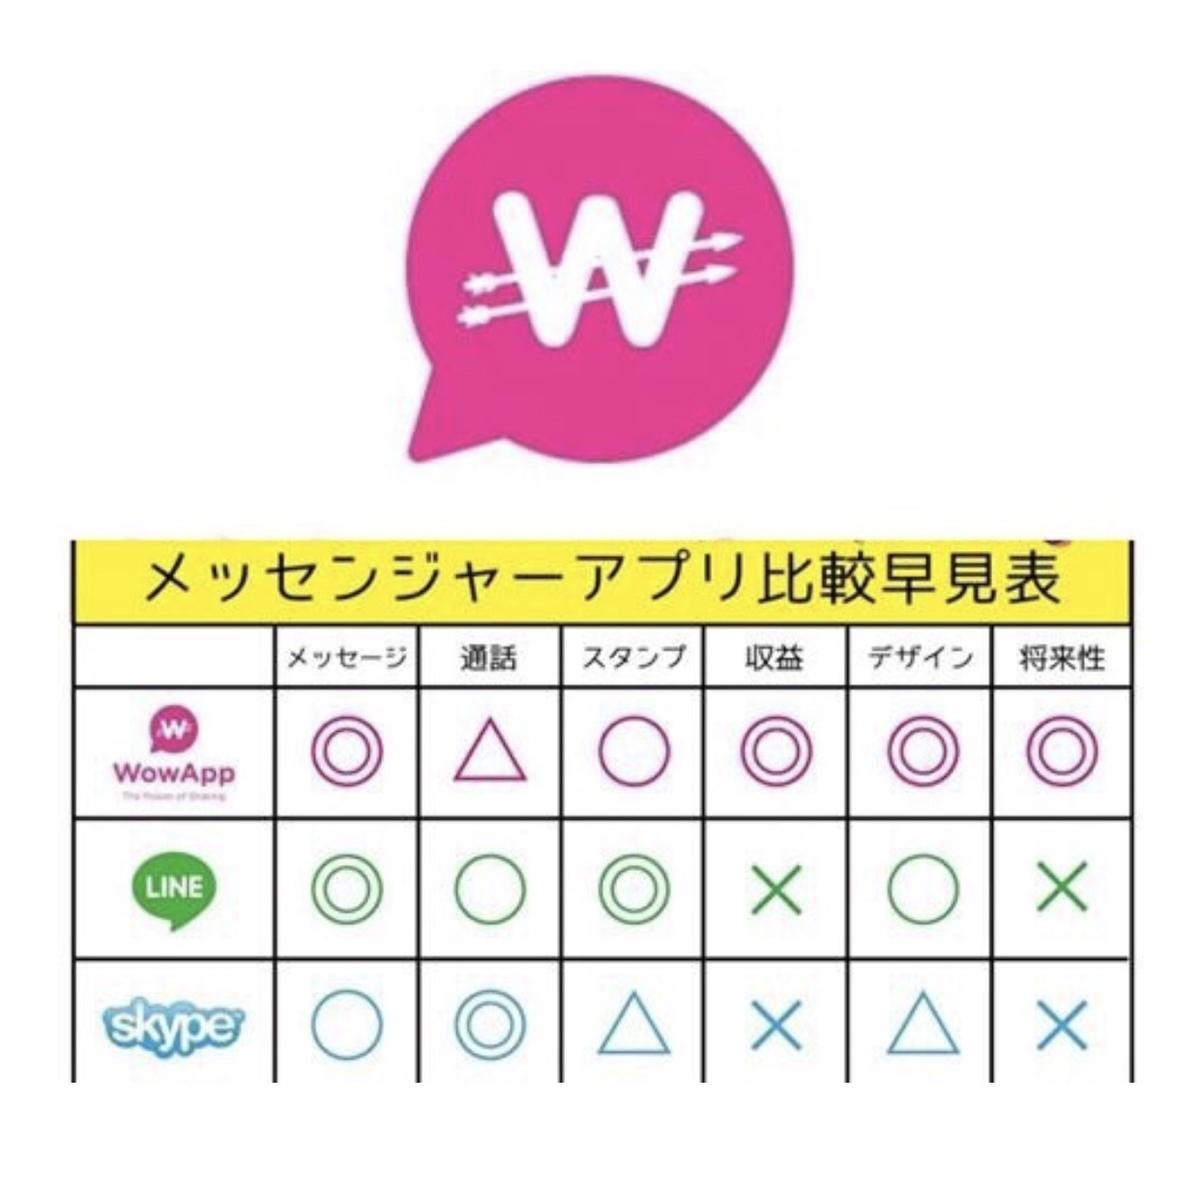 f:id:kaoruikeda:20210502090131j:plain